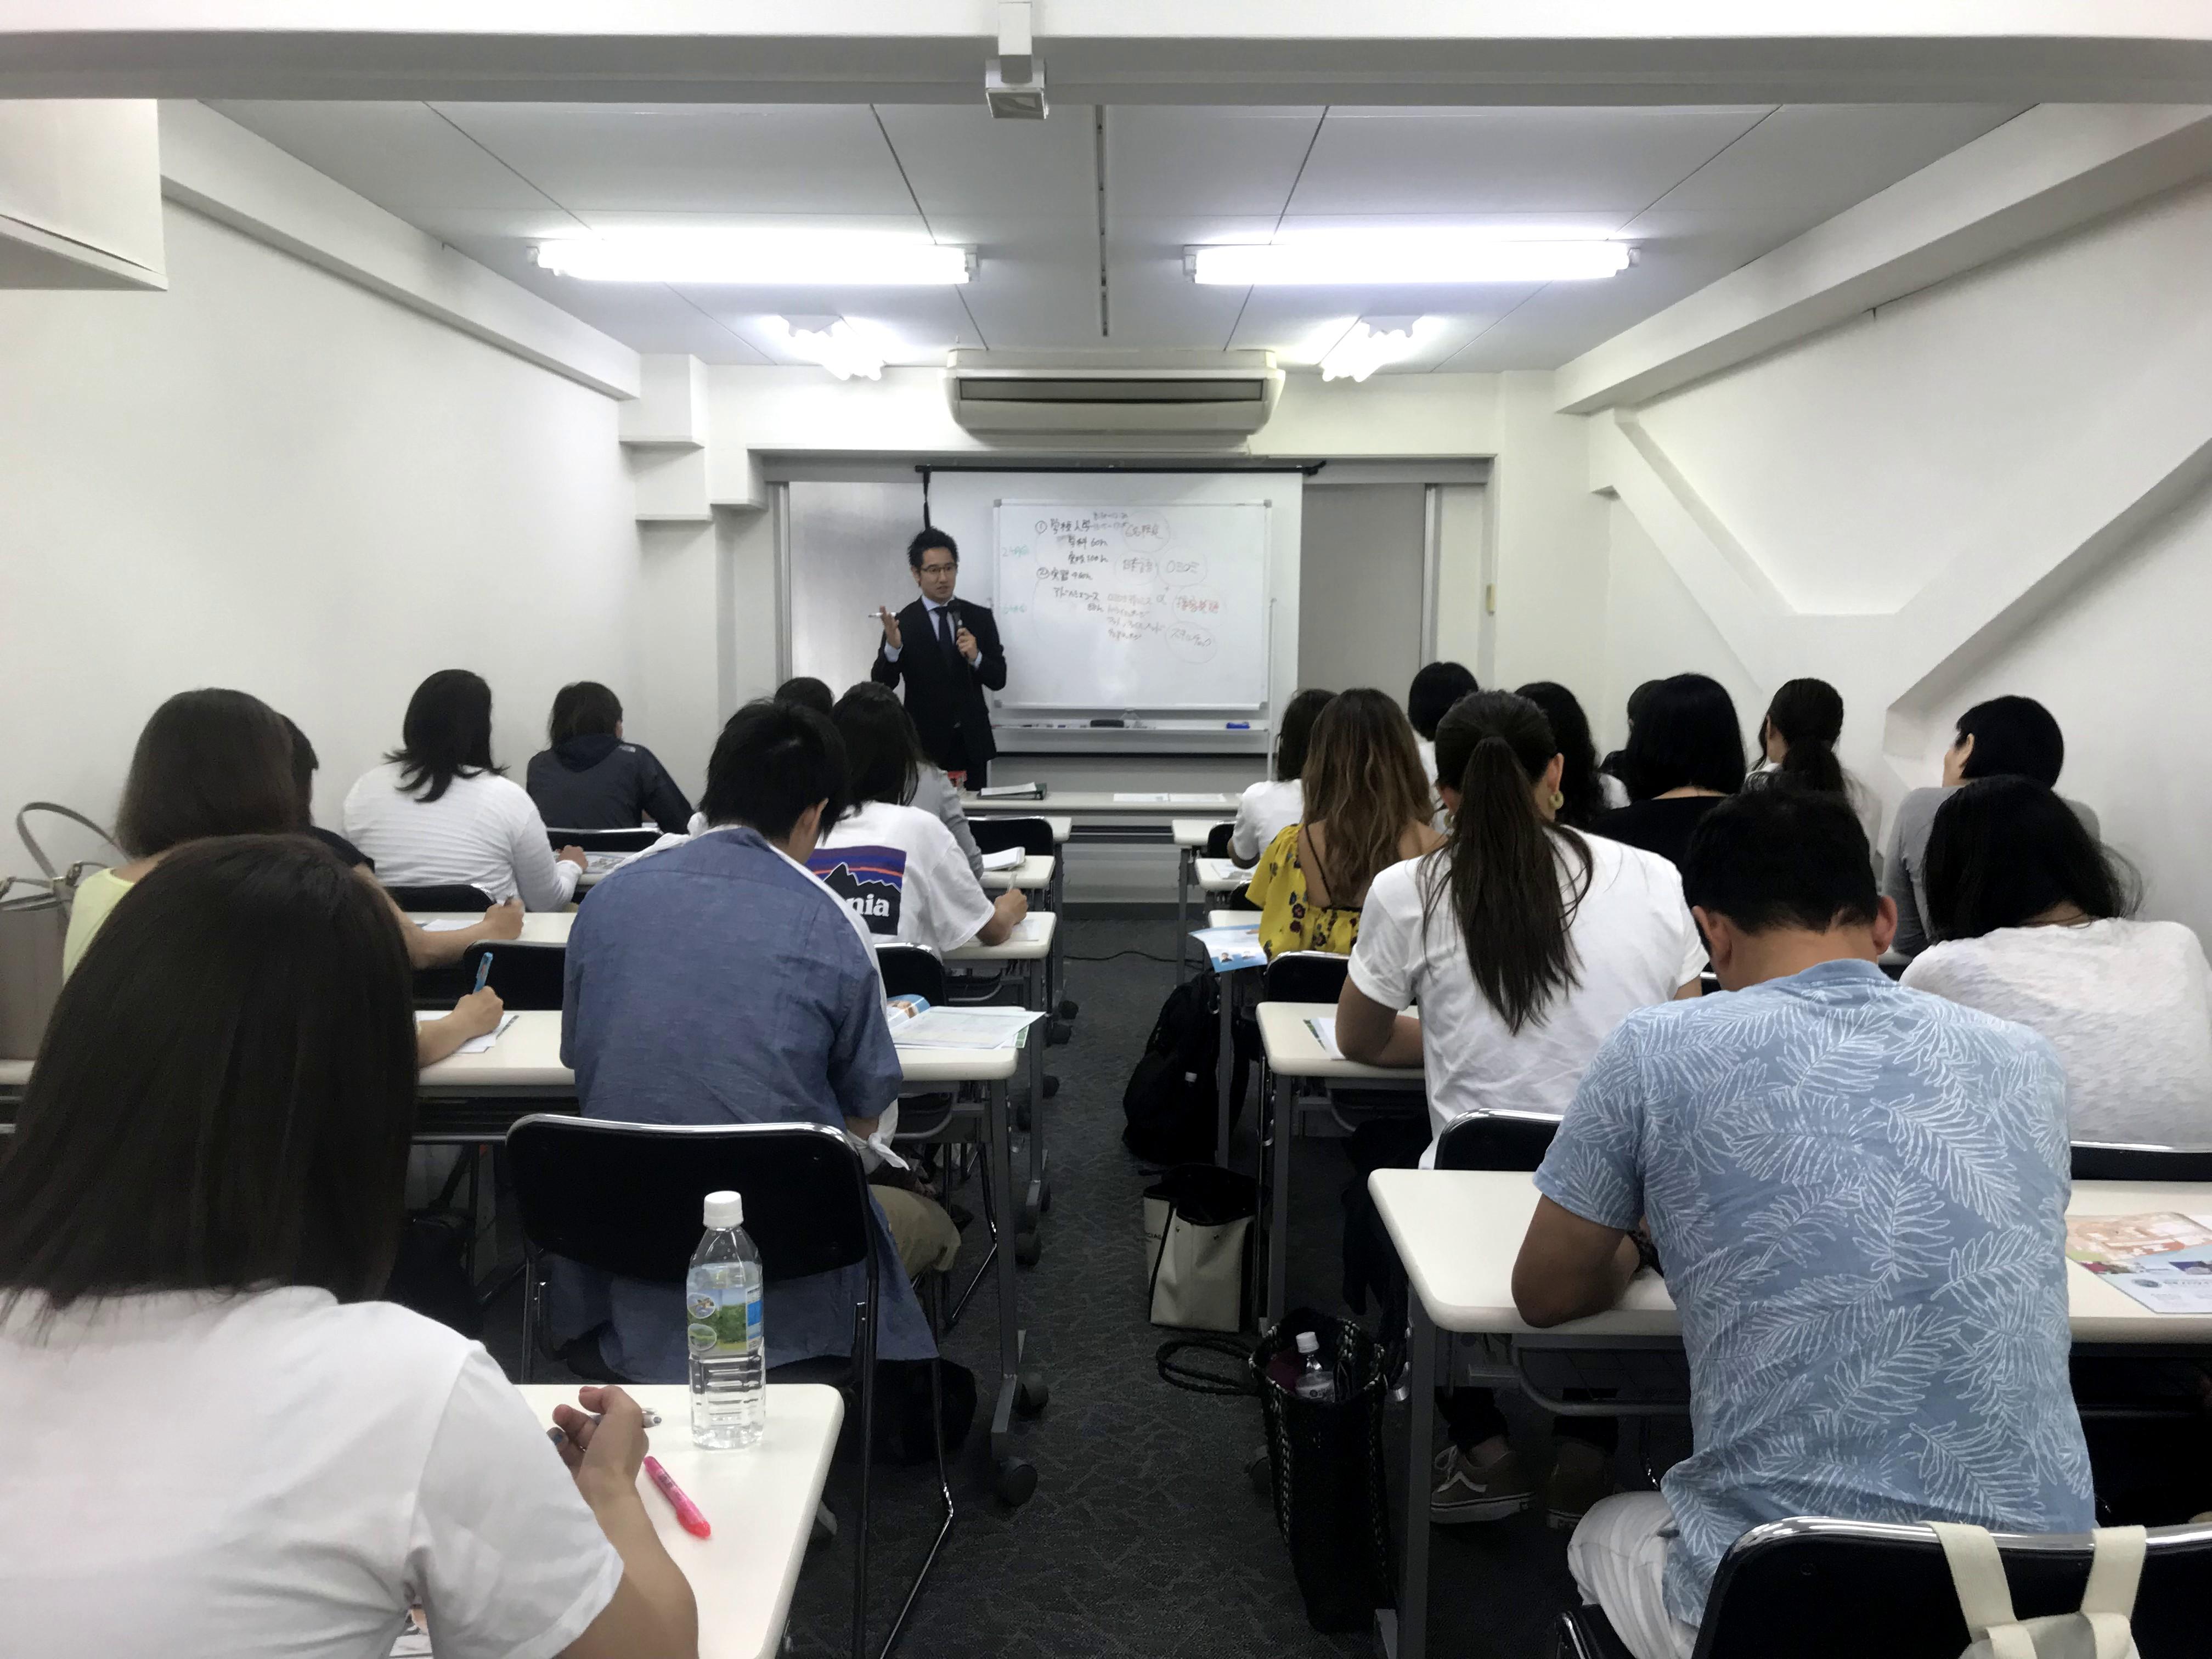 優待生説明会を日本で開催しました